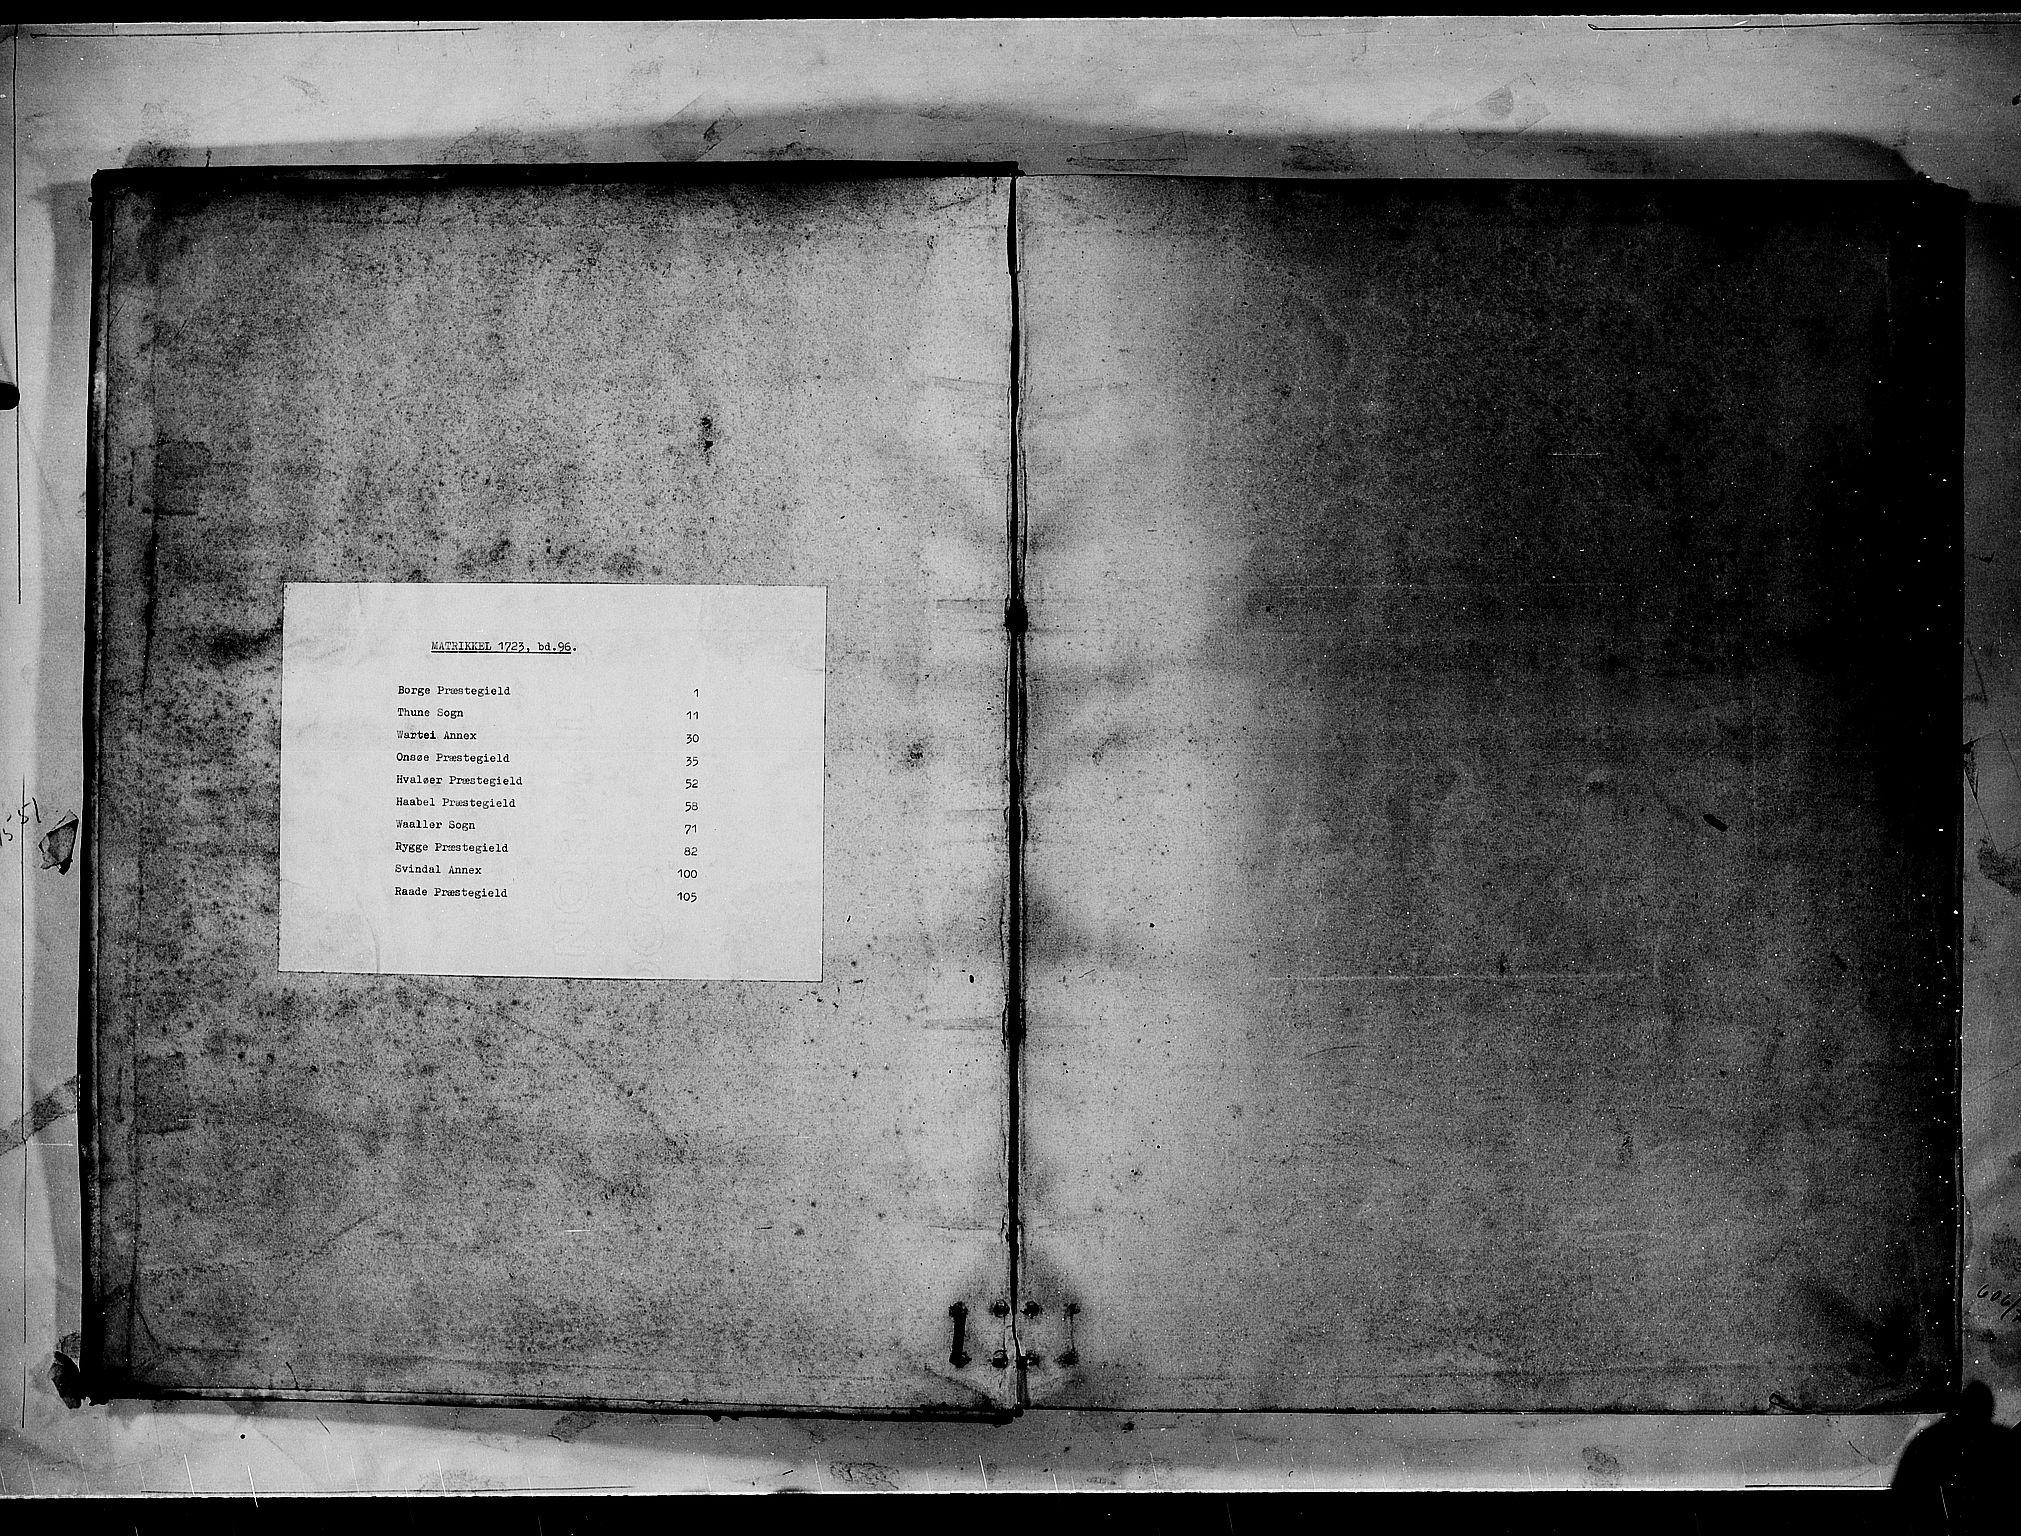 RA, Rentekammeret inntil 1814, Realistisk ordnet avdeling, N/Nb/Nbf/L0096: Moss, Onsøy, Tune og Veme matrikkelprotokoll, 1723, s. upaginert